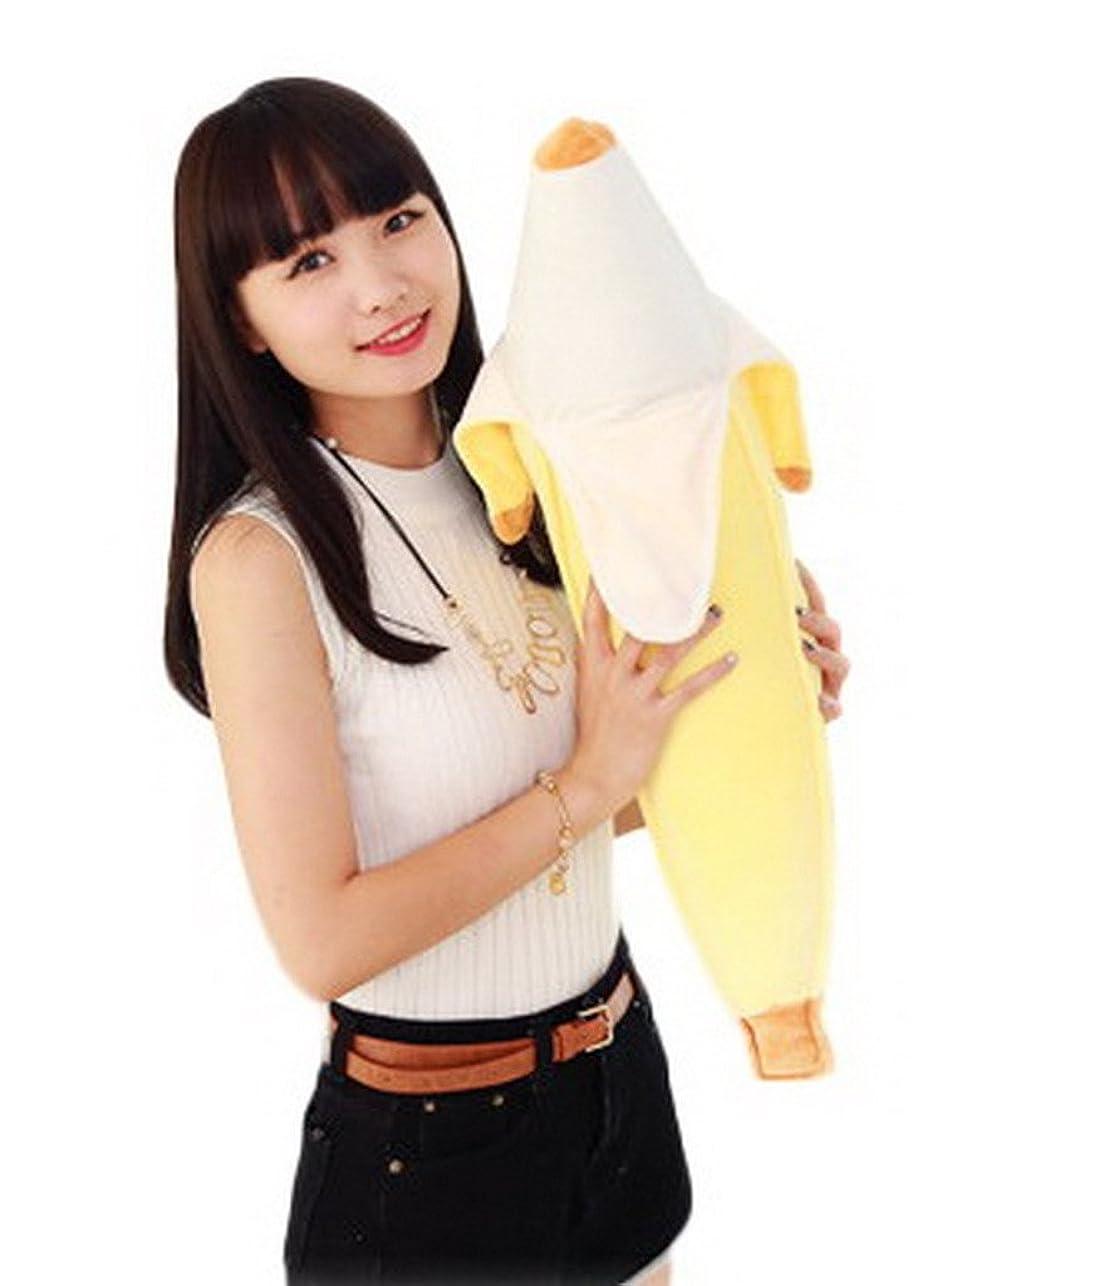 非難する濃度資本主義YiyiLai ぬいぐるみ おもちゃ キャラクター クッション 置物 インテリア 小物 抱き枕 室内飾り バナナ型 70